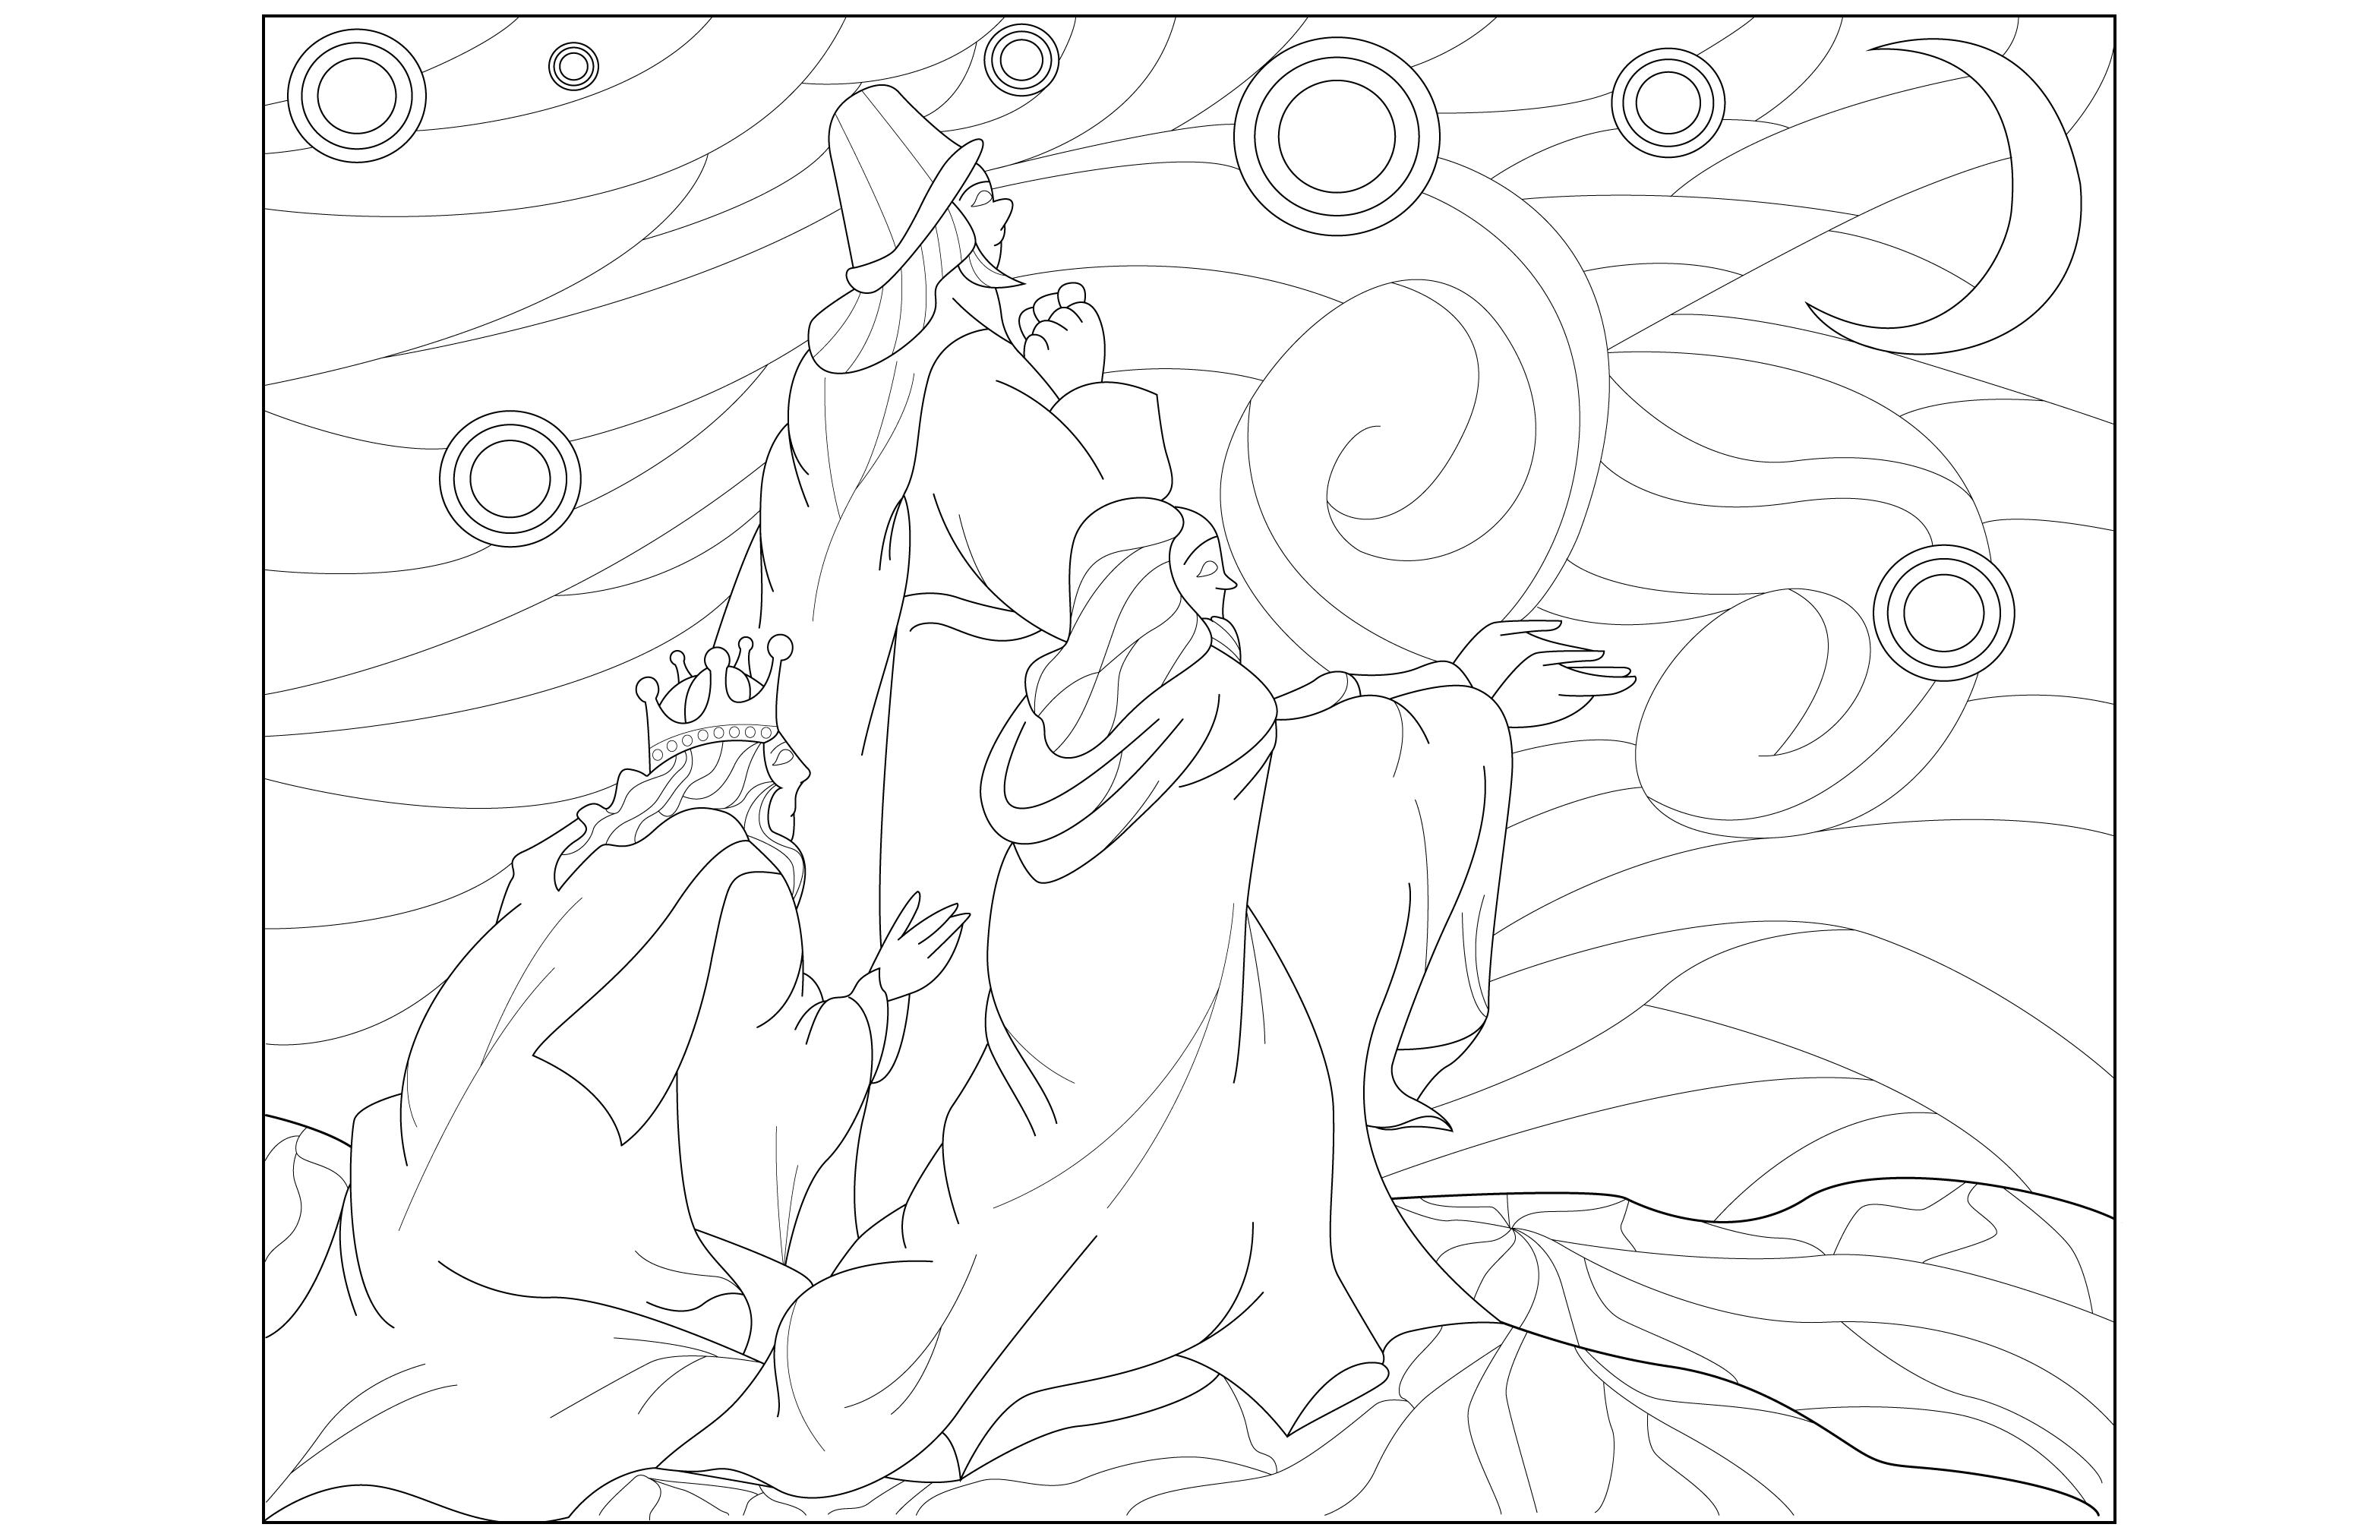 Coloriage des rois mages : Gaspard , Melchior et Balthazar avec une inspiration du tableau ' la nuit étoilée ' .